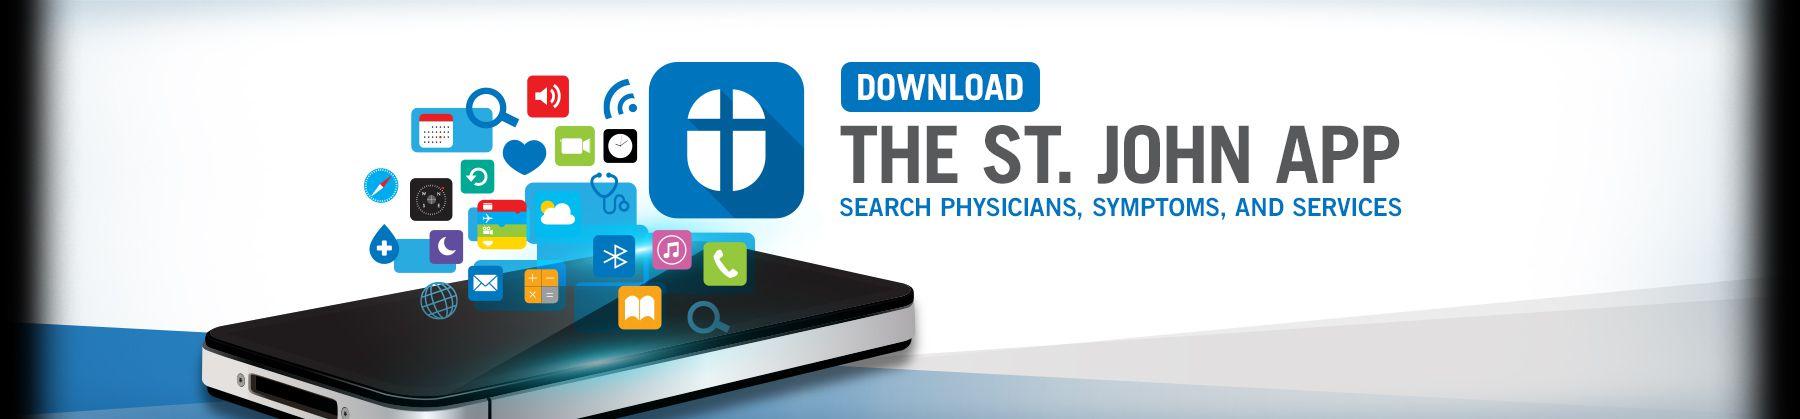 St. John Mobile App